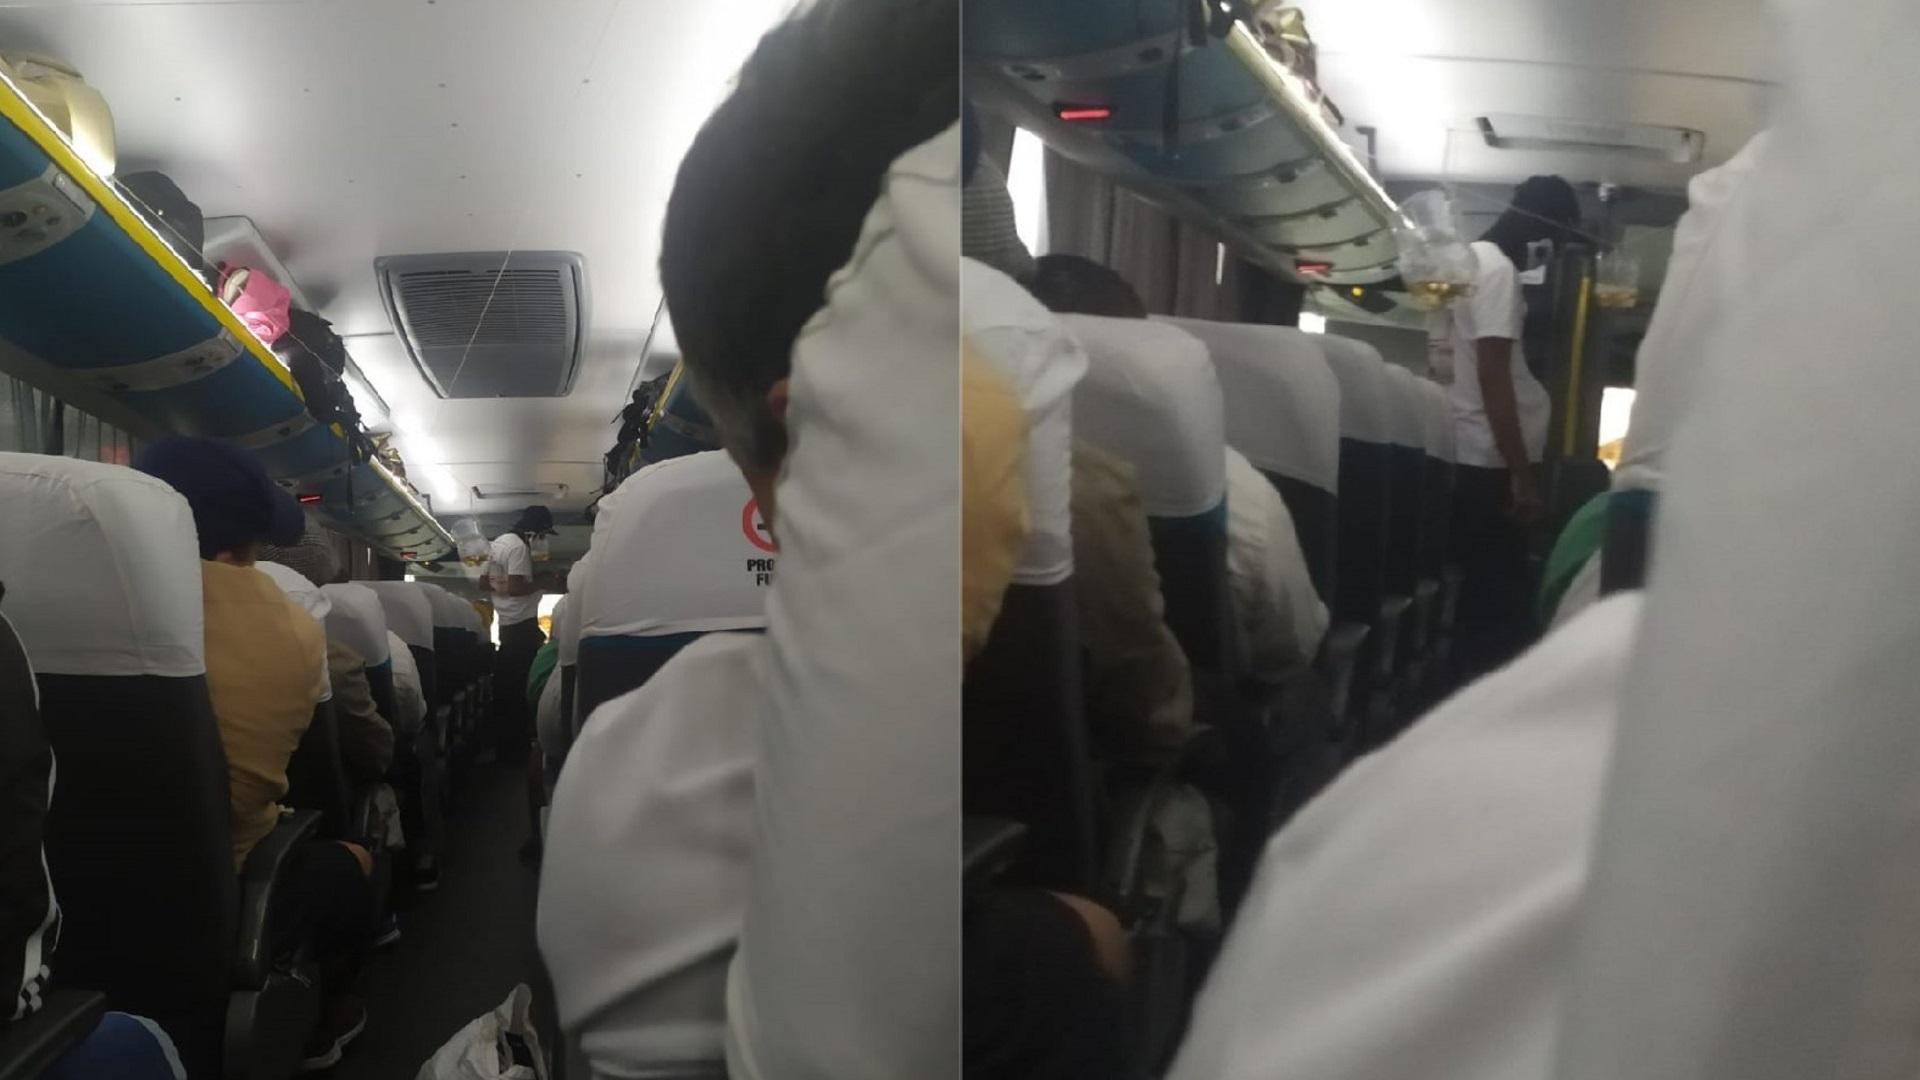 Secuestrador a bordo de autobús en Río de Janeiro. Foto de @BetinhoCasas